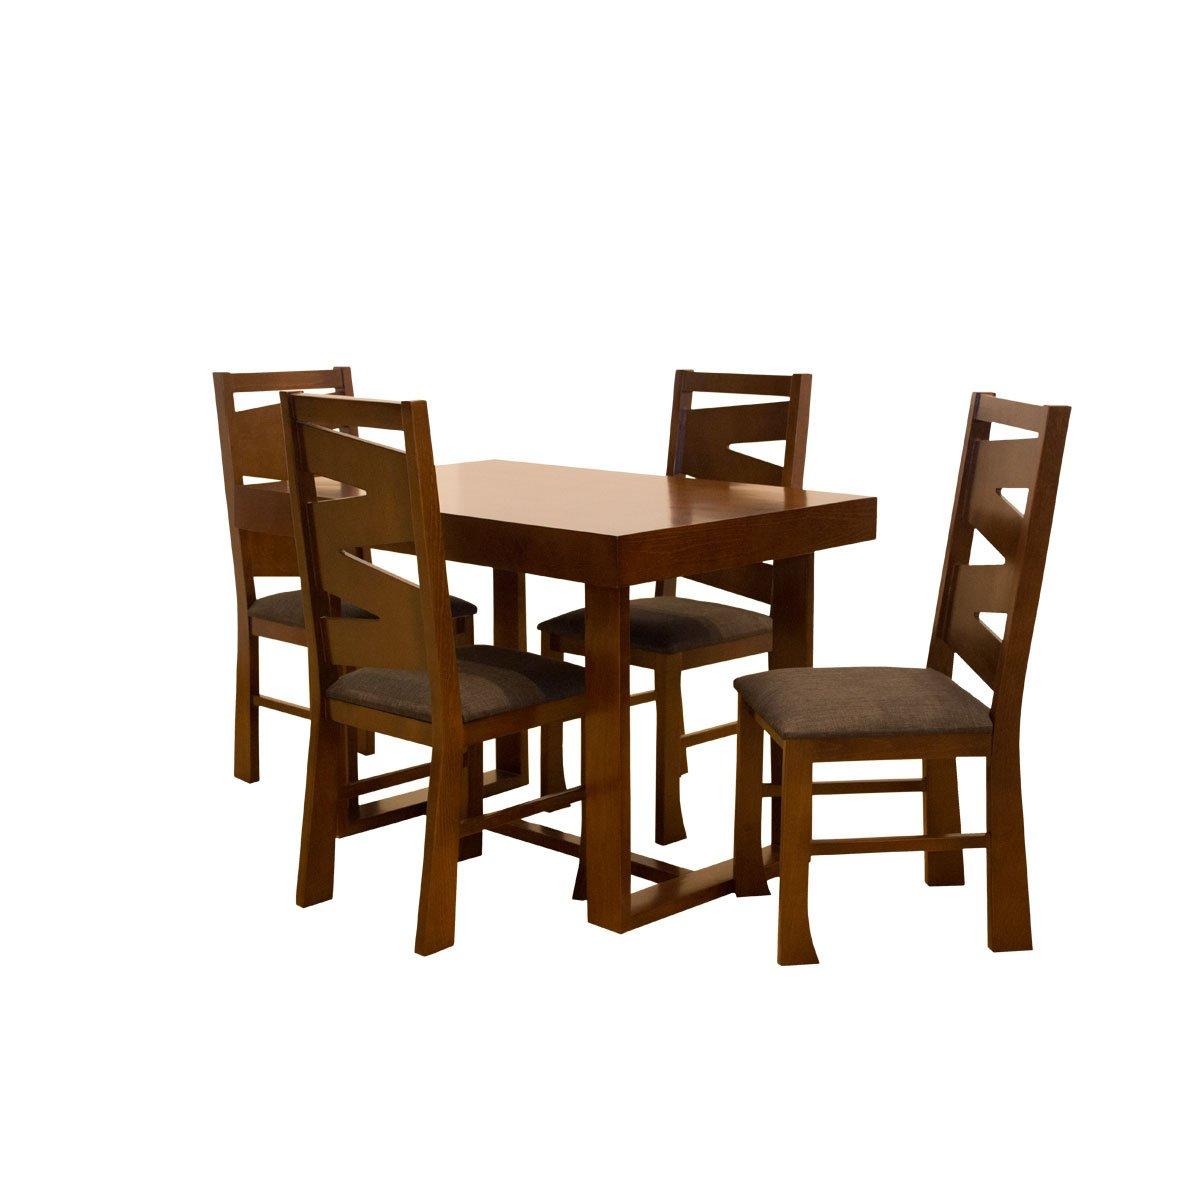 Desayunador Con 4 Sillas Madera De Pino Muebles El Ngel Sears  # Muebles Fabricas De Francia